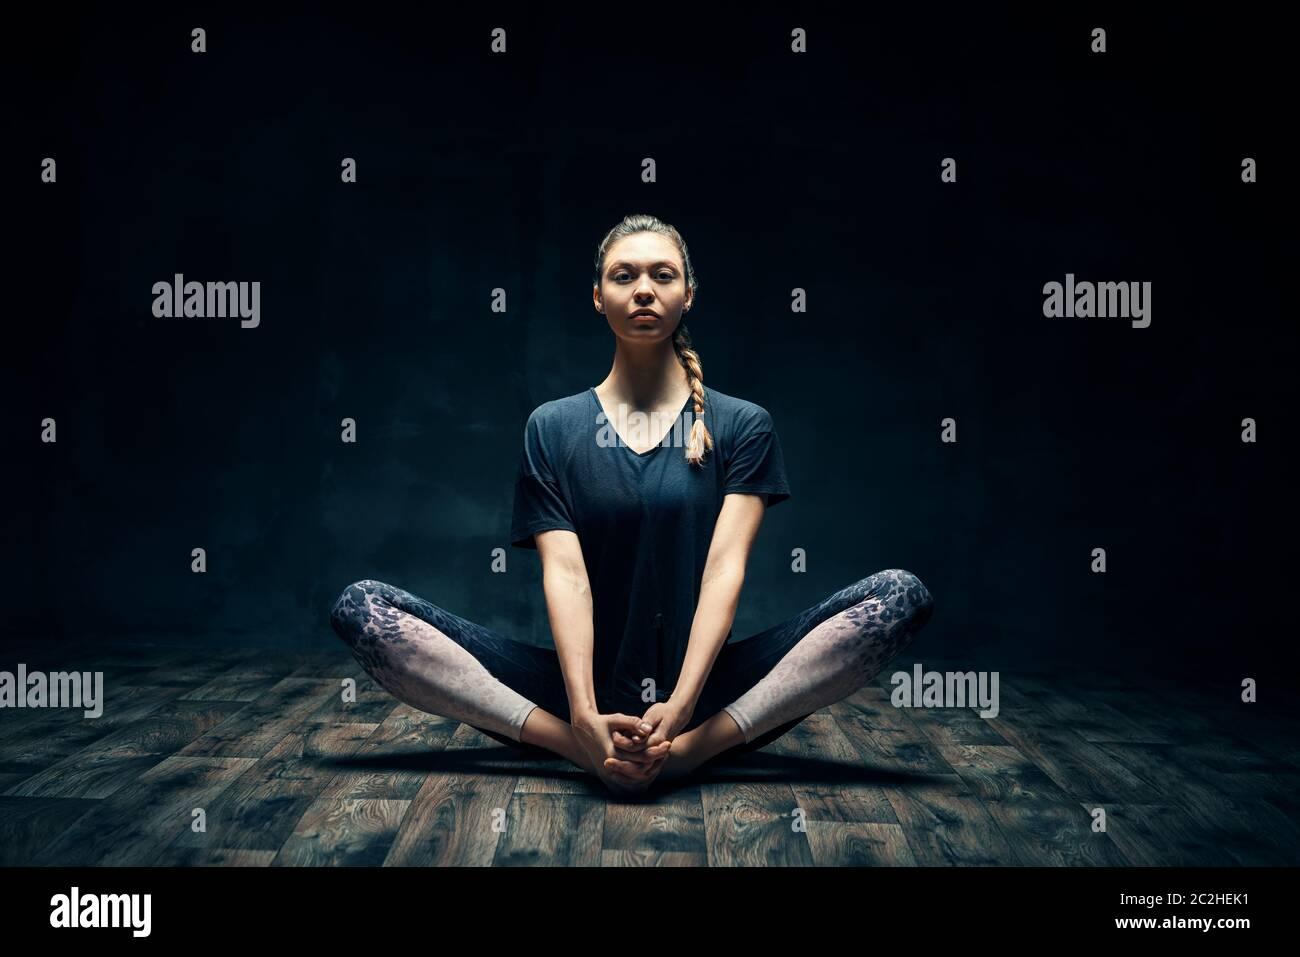 Junge Frau, die Yoga praktiziert, posiert auf dunklem Raum Stockfoto